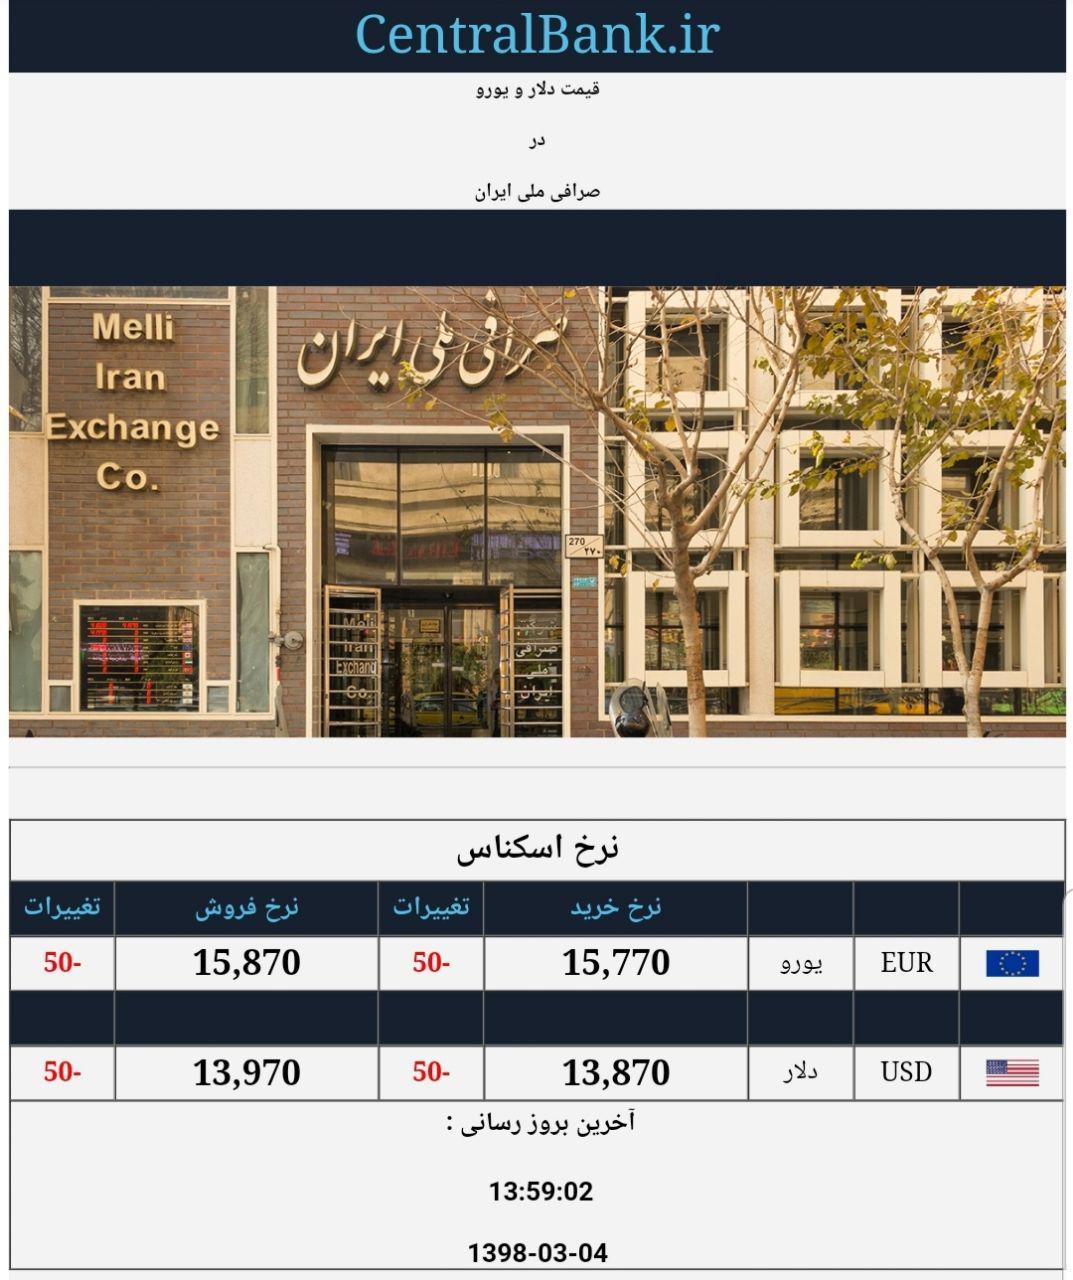 قیمت دلار ویورو صرافی ملی چهارم خرداد